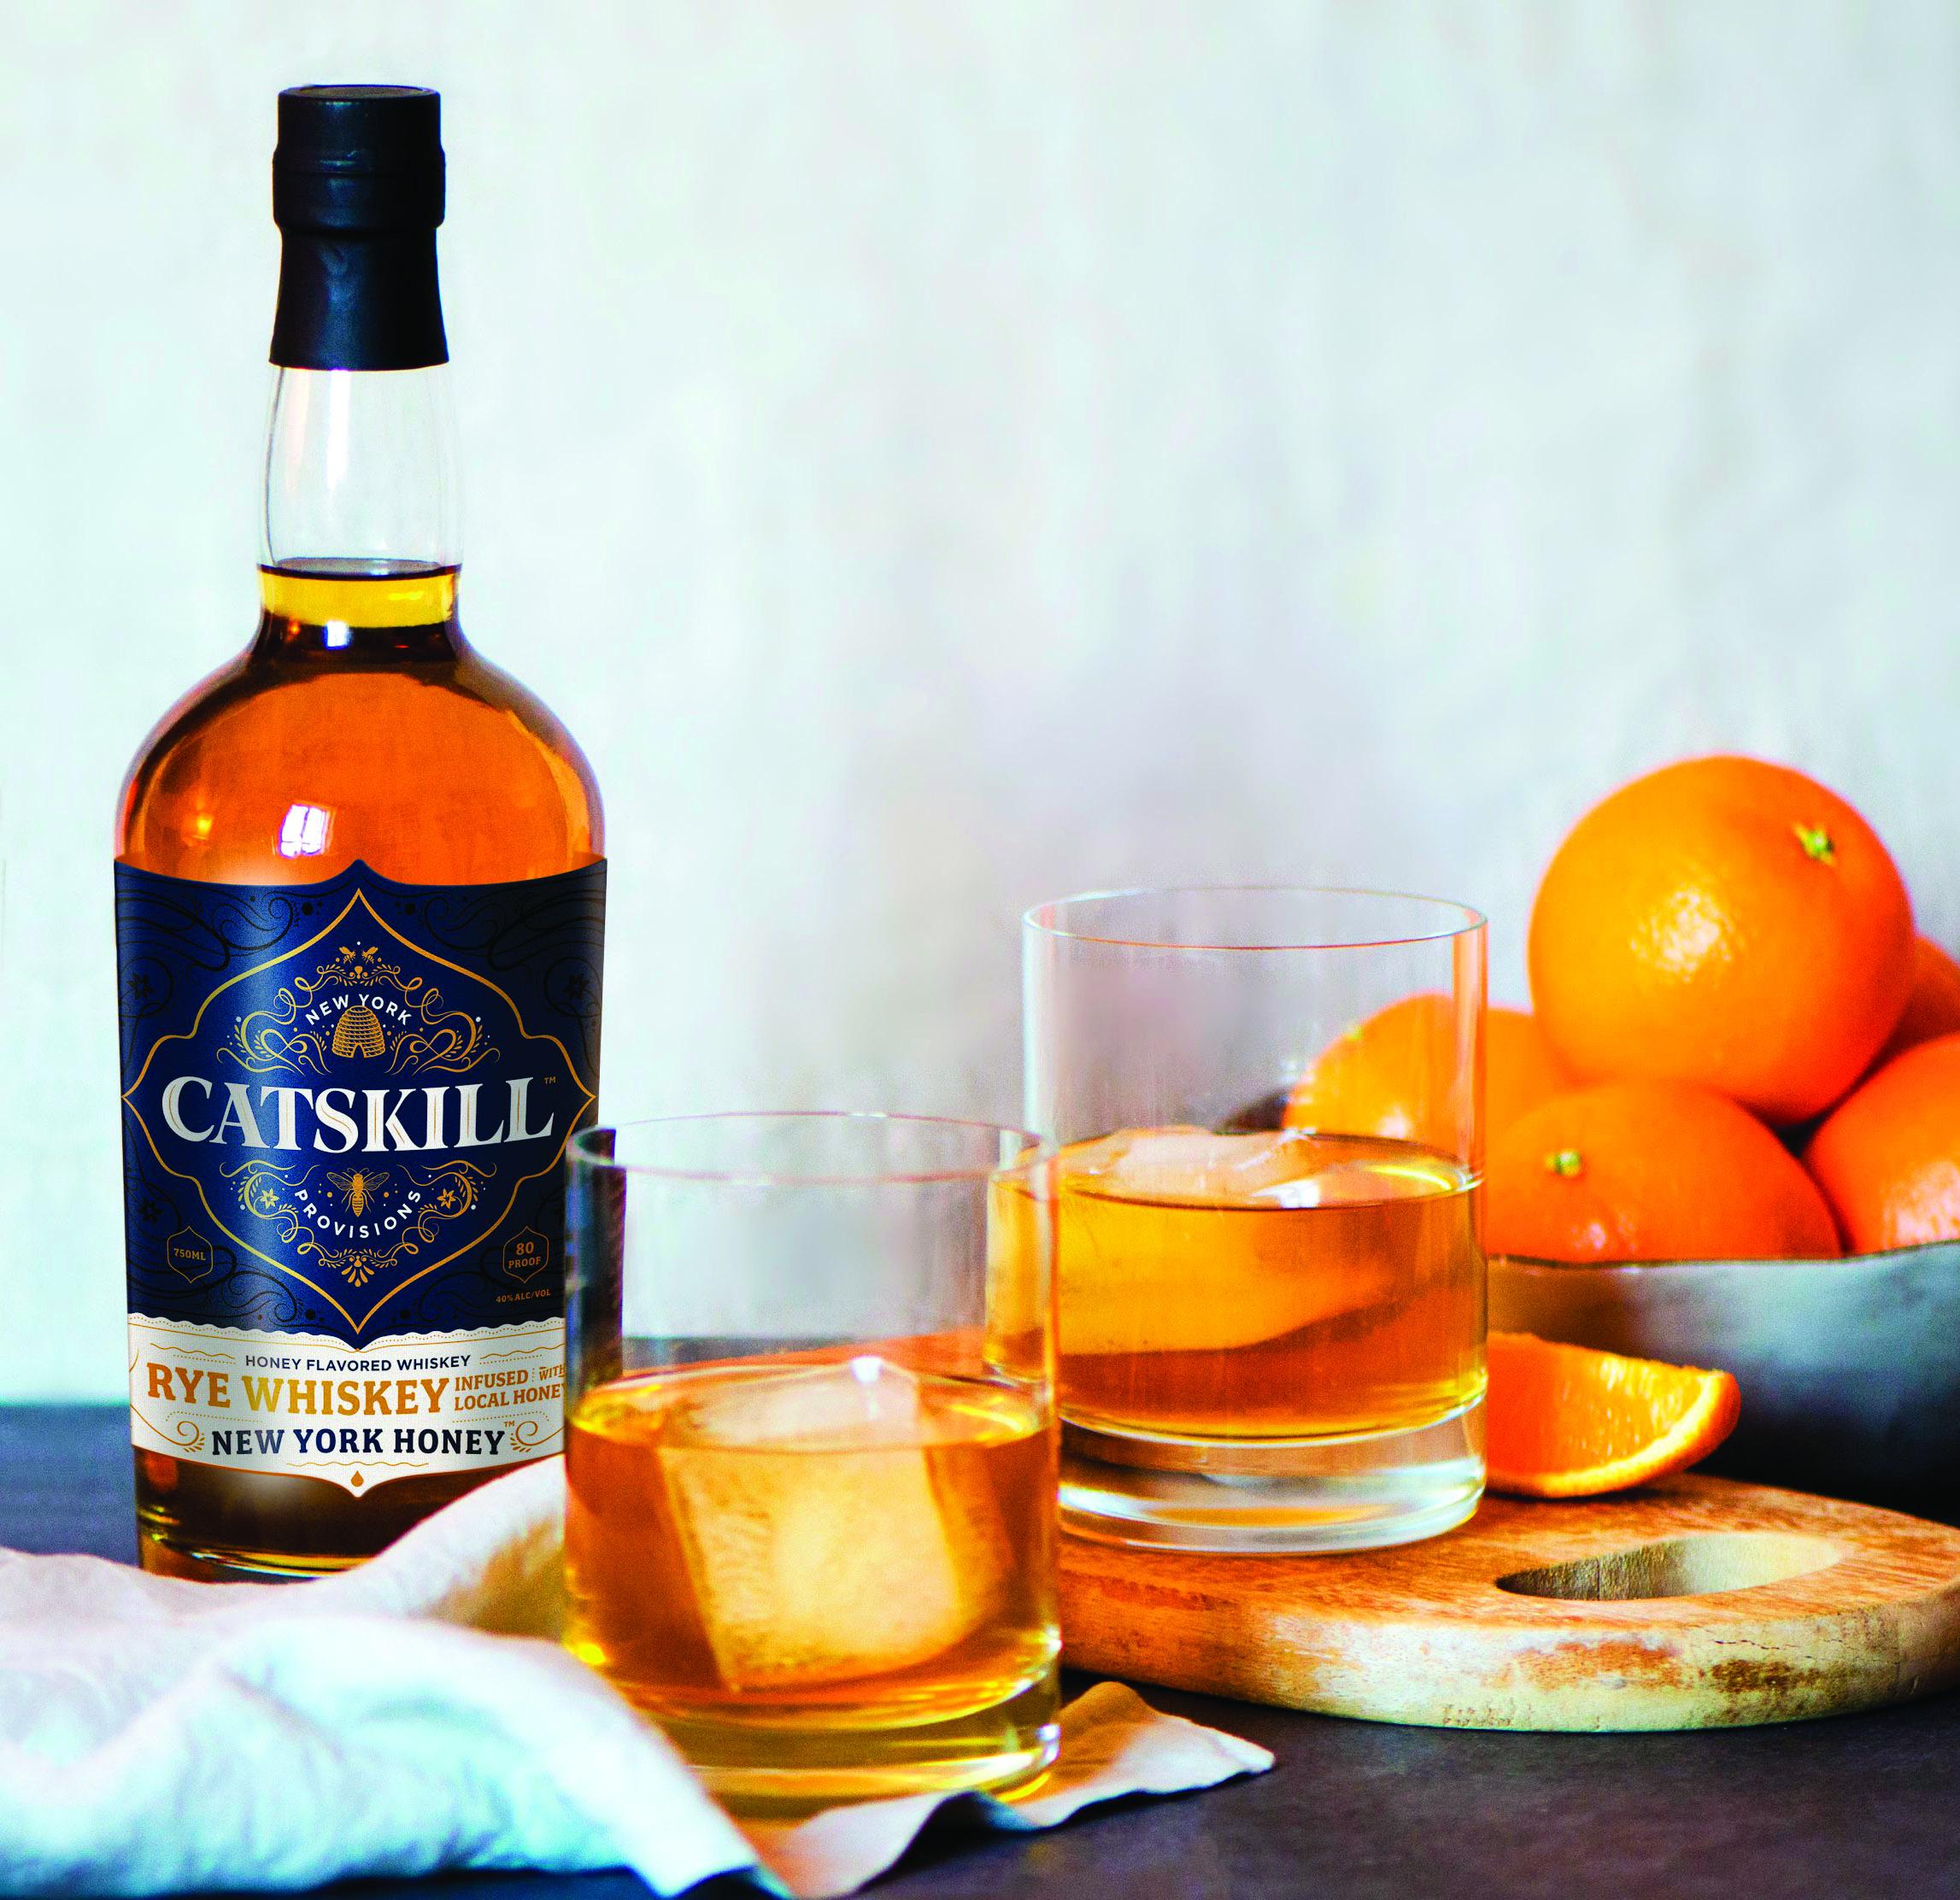 catskill_bottle_w_drinks.jpg